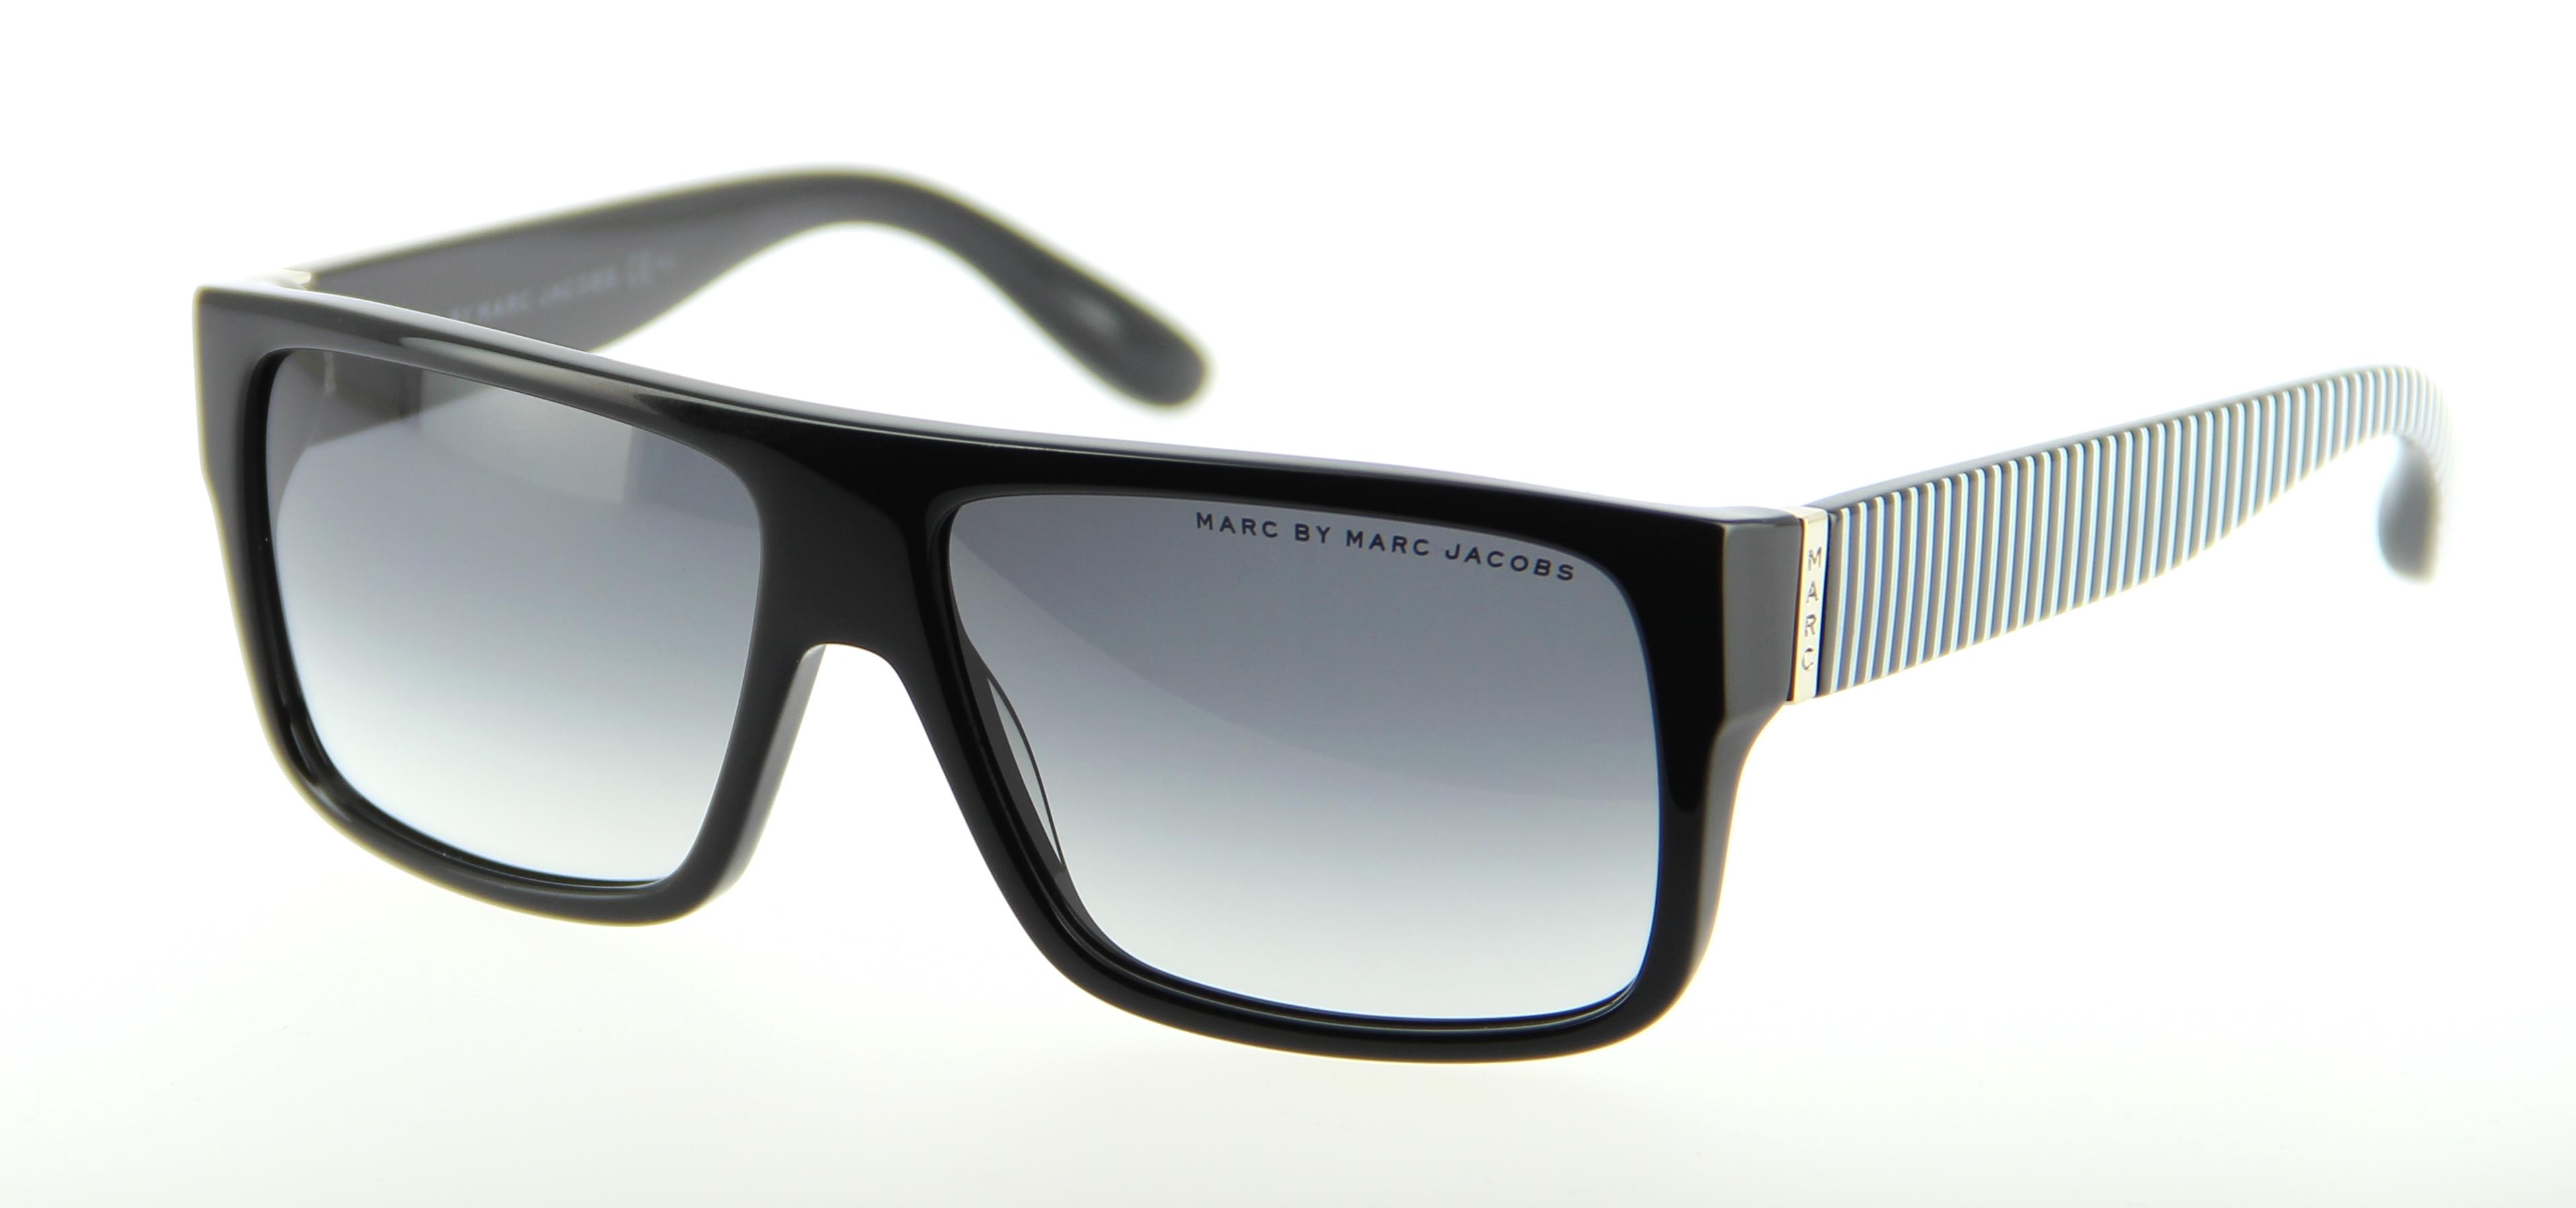 lunettes de soleil marc by marc jacobs mmj 096 n s bu8 57 14 mixte noir blanc carr e cercl e. Black Bedroom Furniture Sets. Home Design Ideas